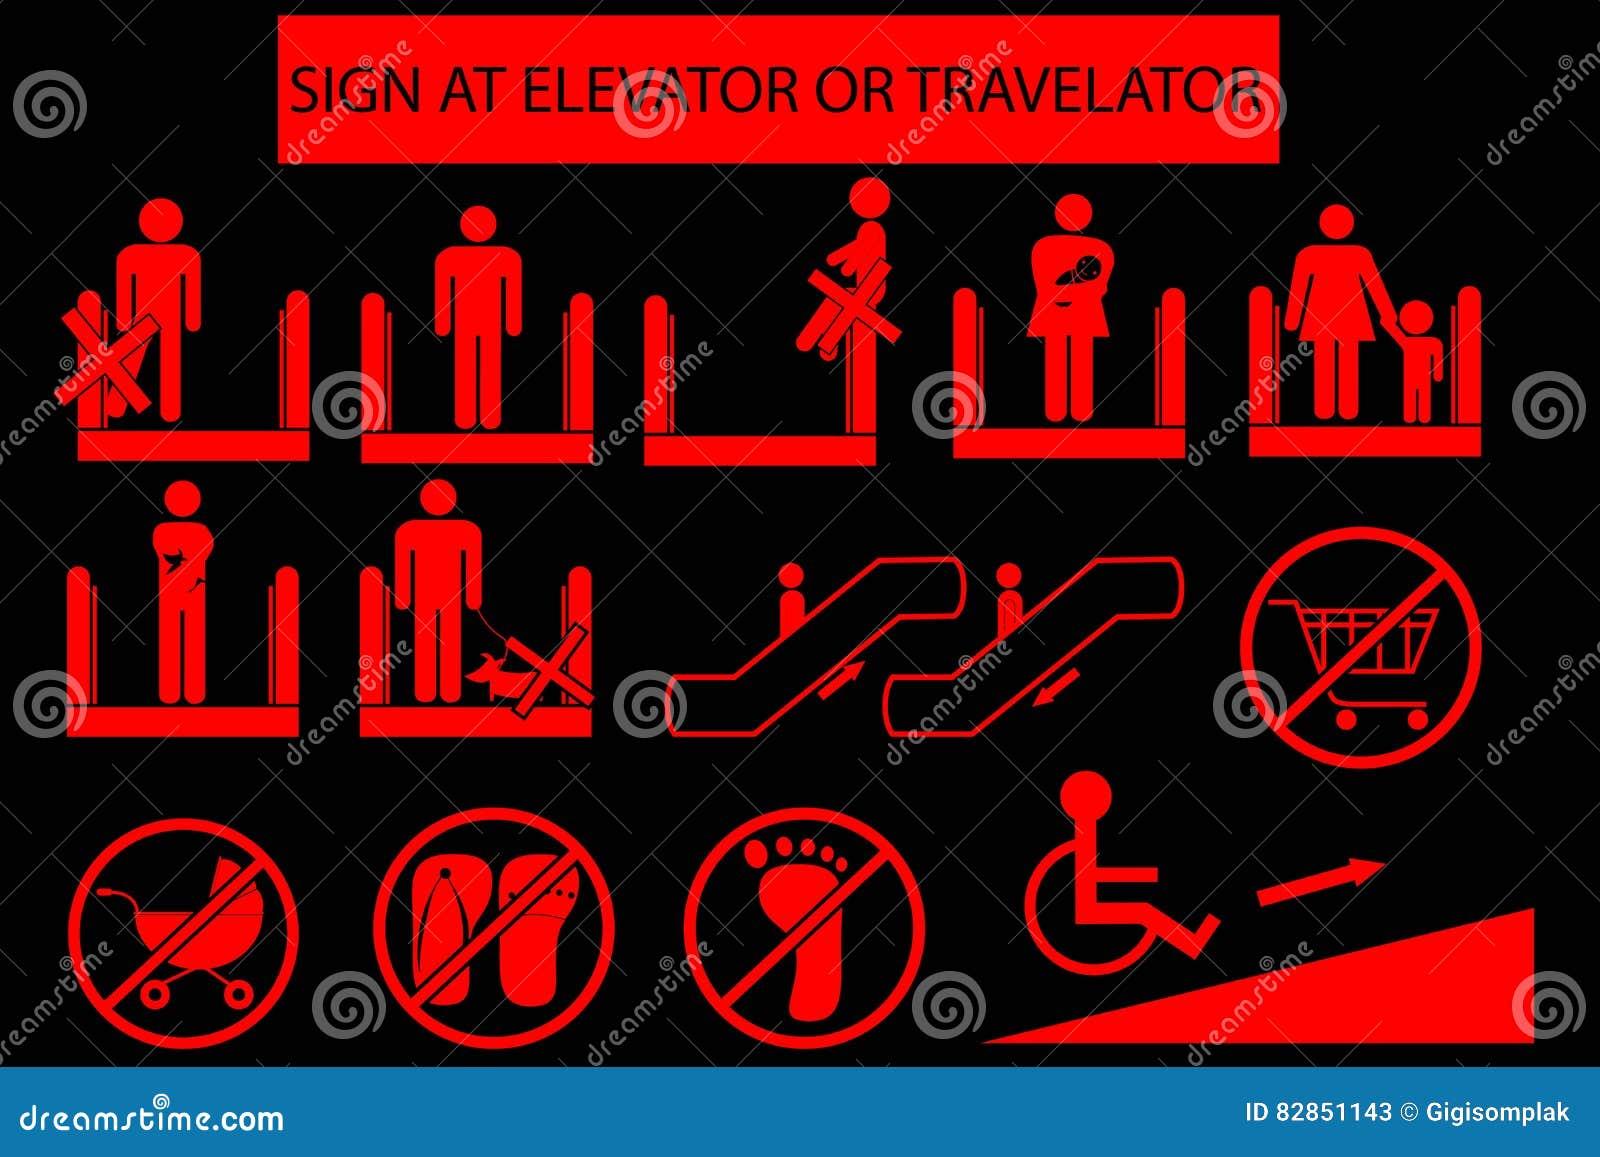 Set of Prohibited Sign at Escalator or Travelator